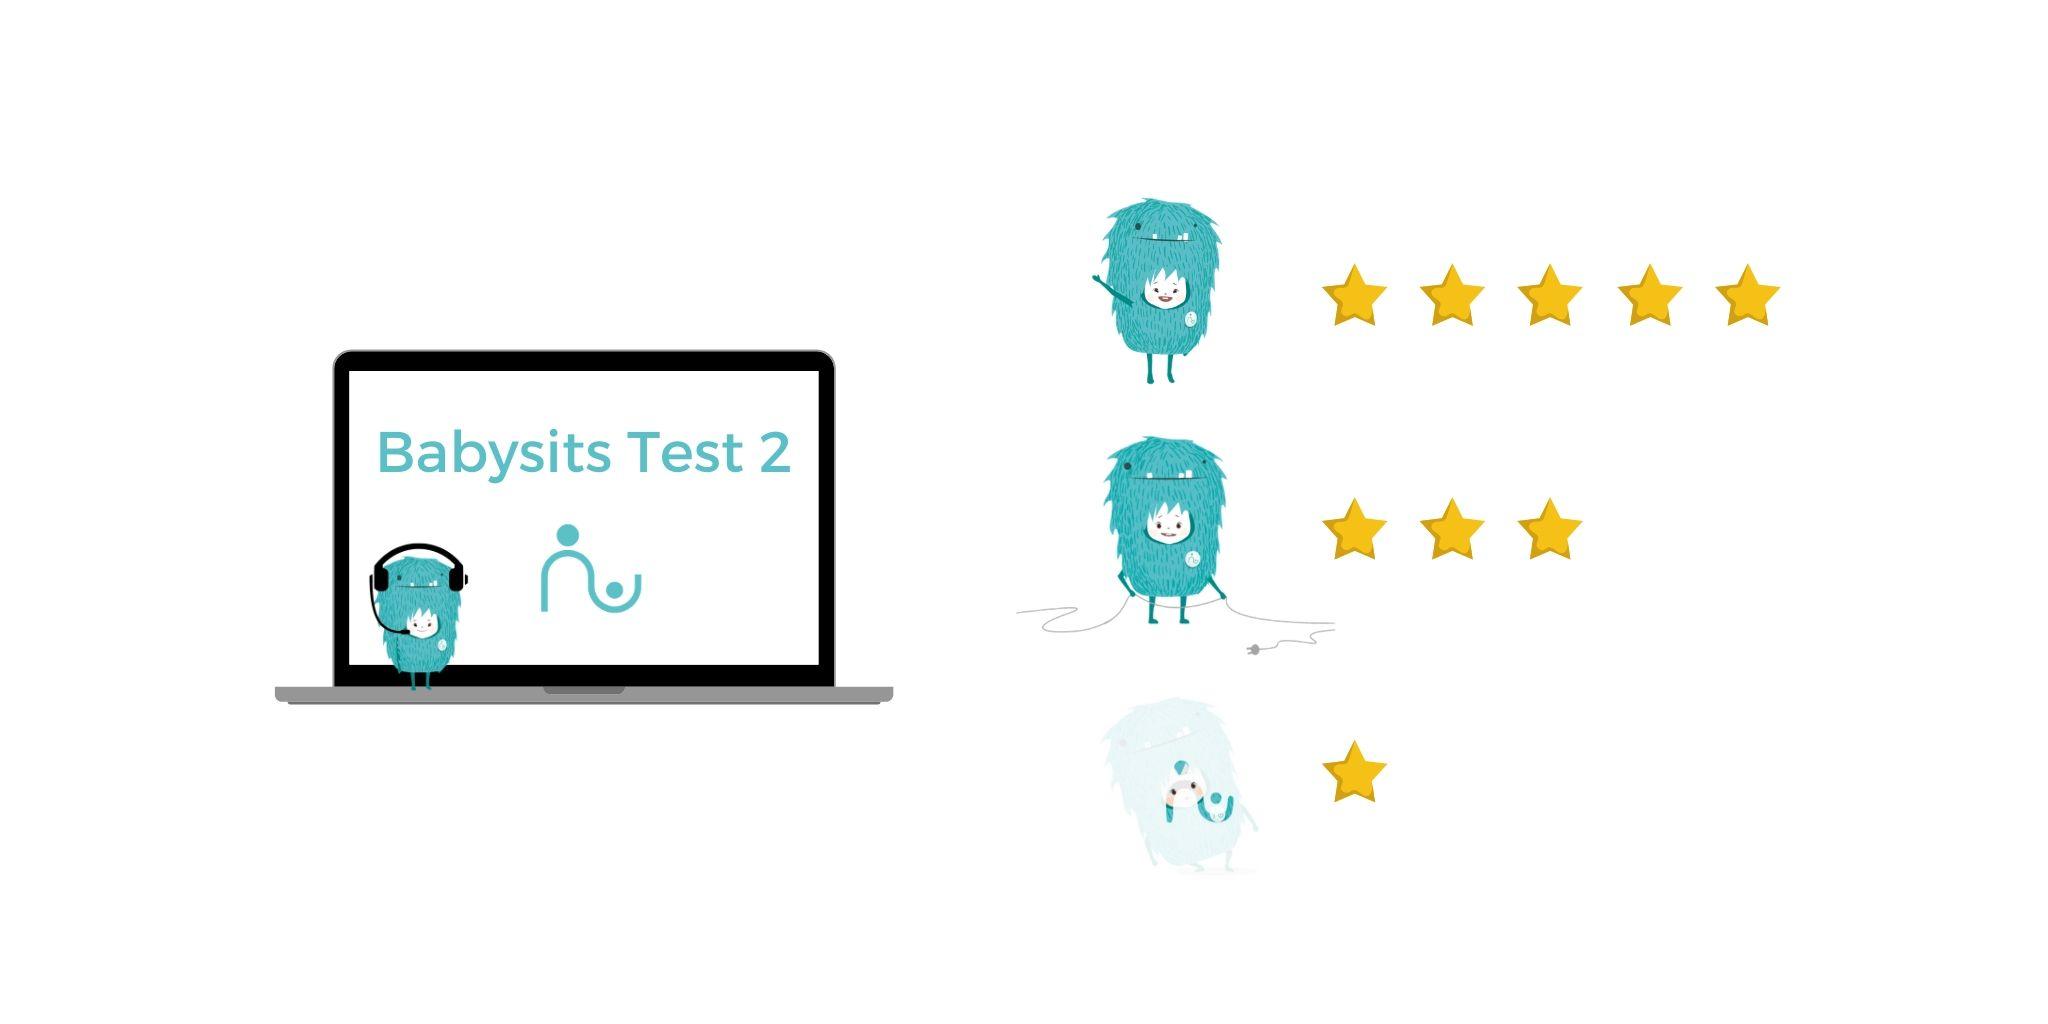 Doe de babysit-test 2